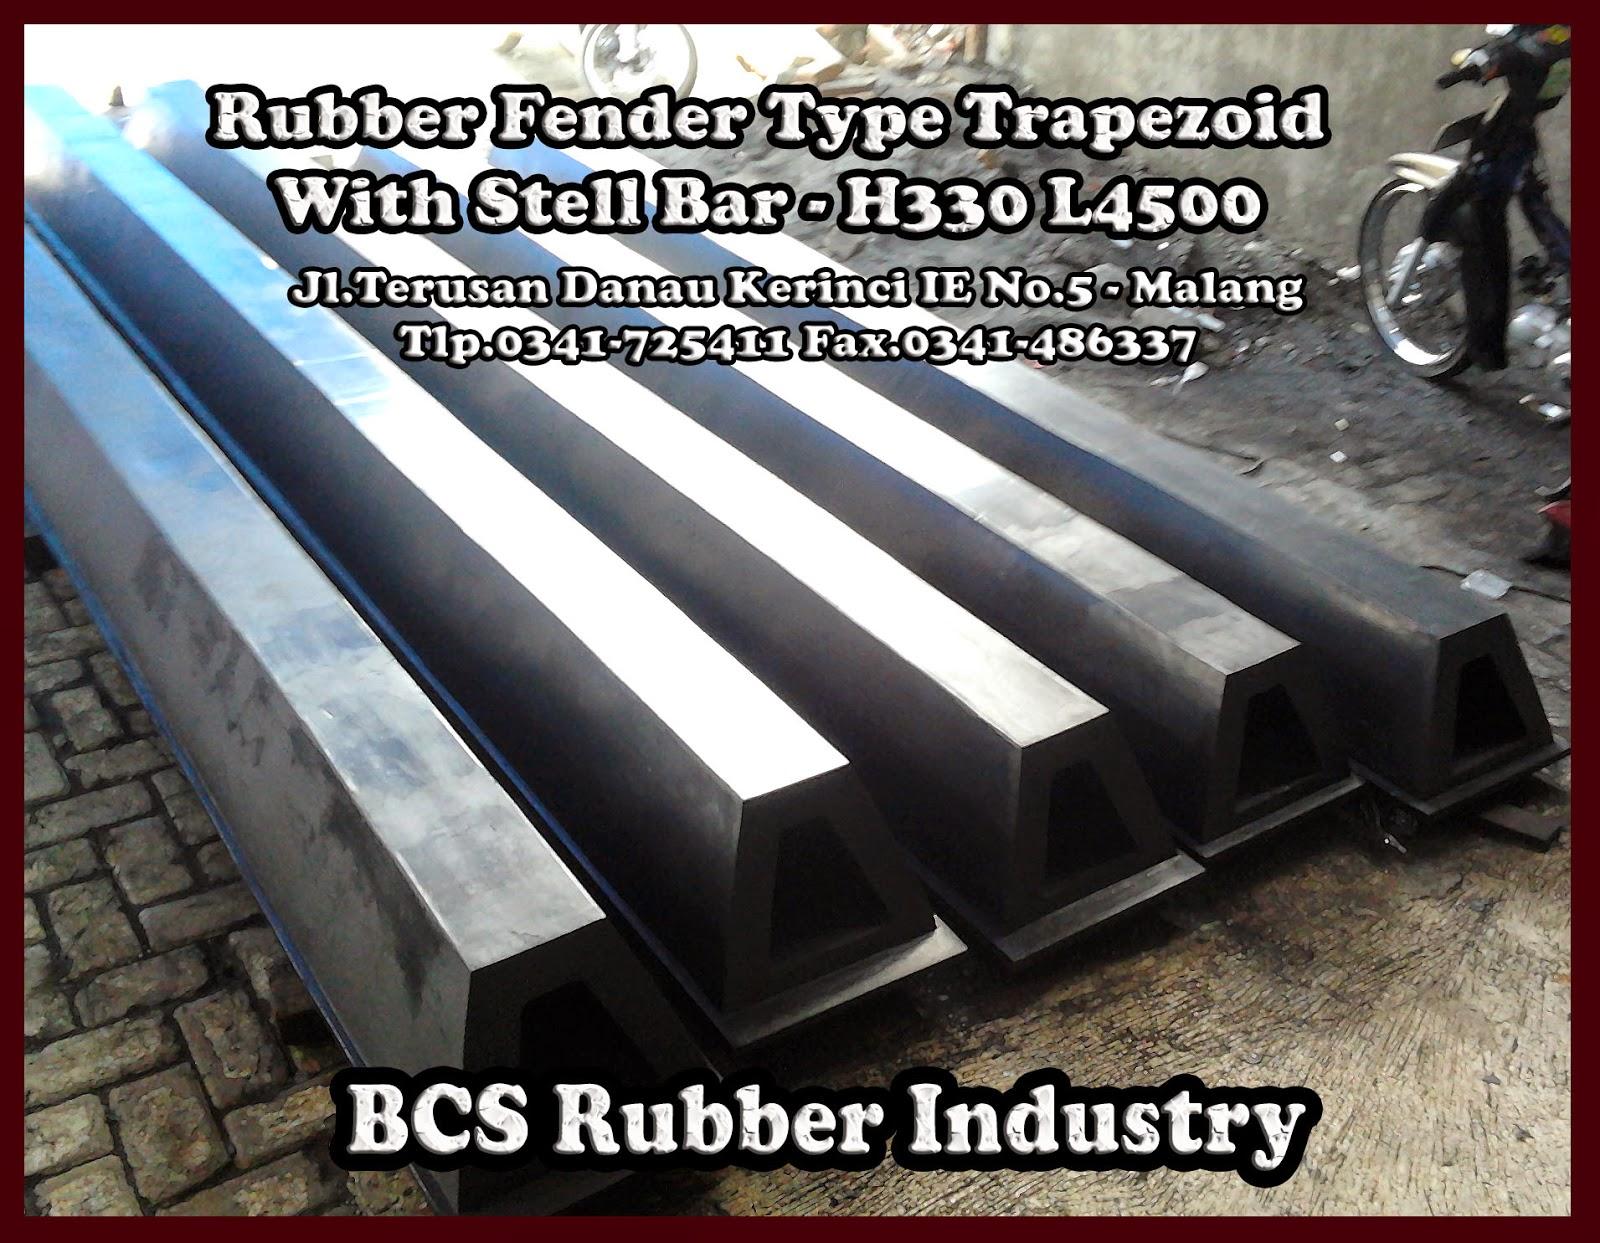 Rubber Fender Type Trapezoid ,Rubber Fender , Fender Rubber